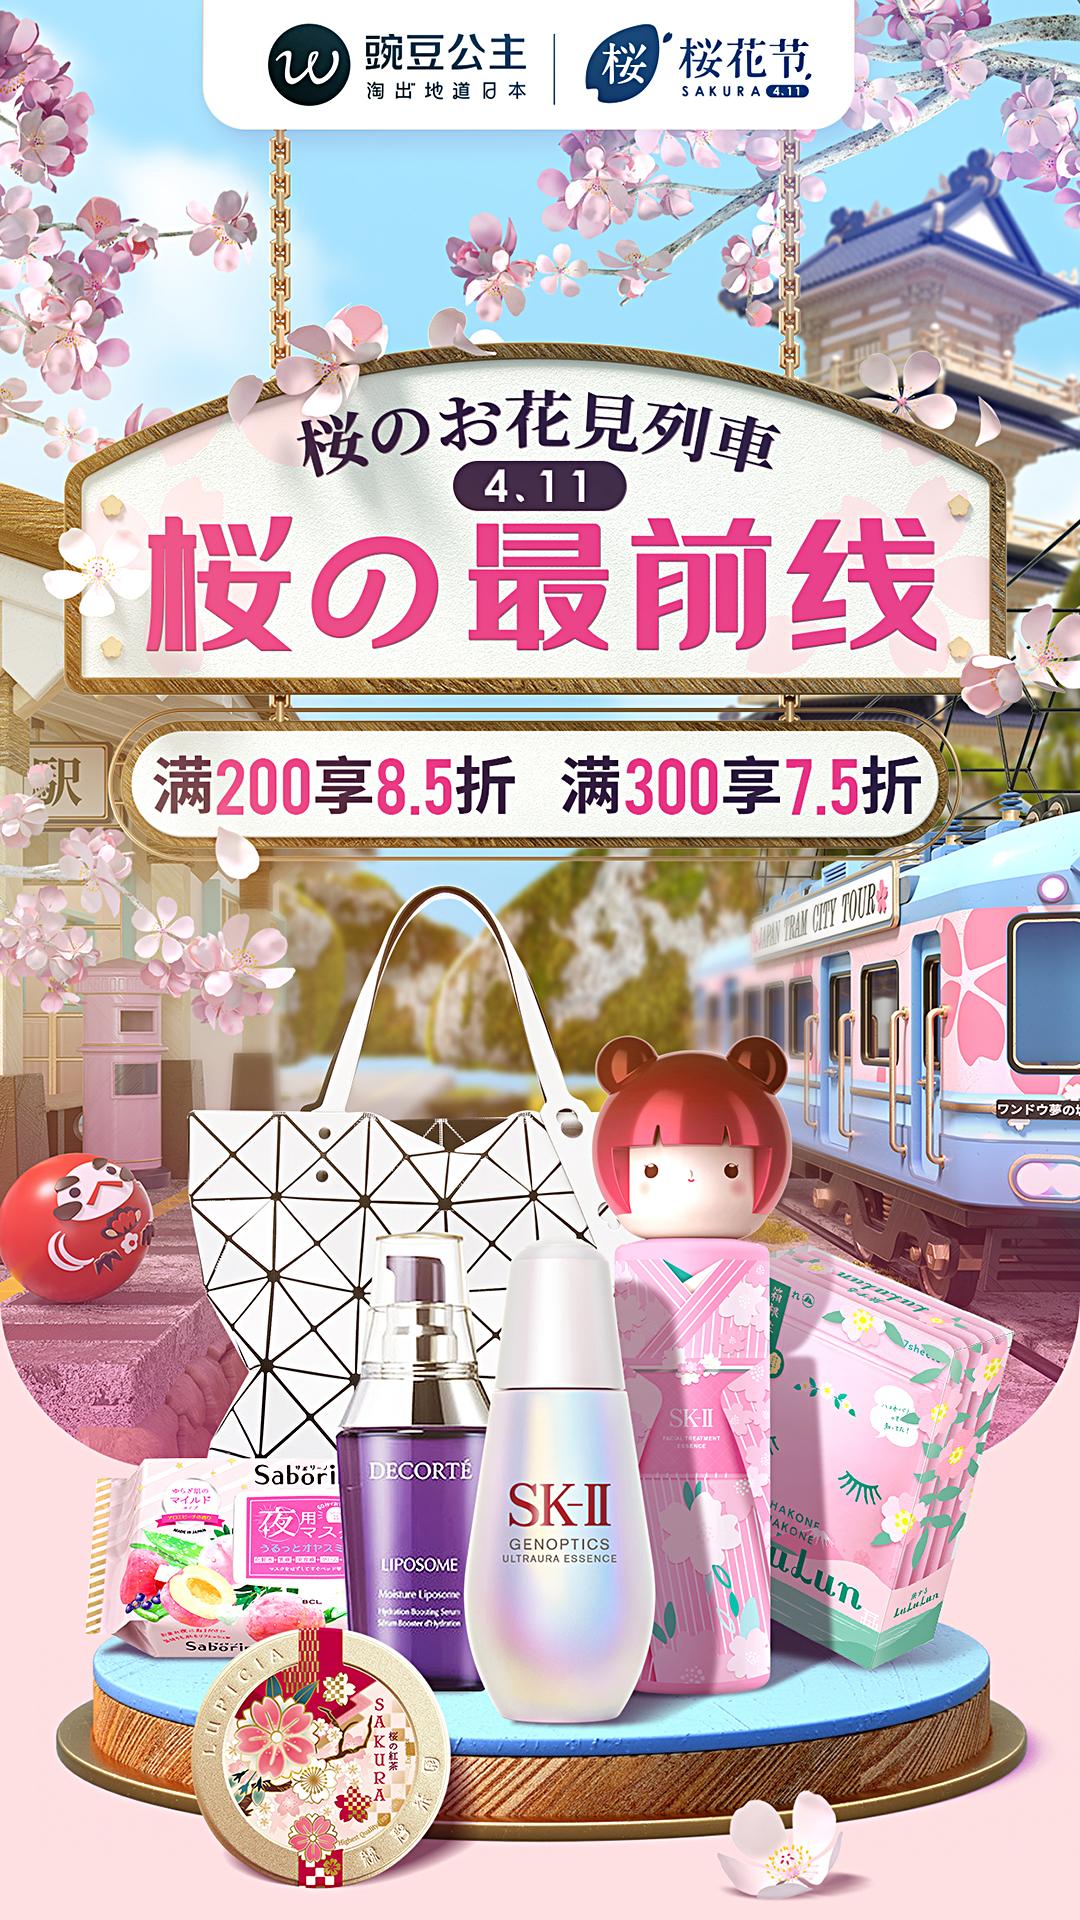 豌豆公主樱花购物节,抖音平台线上开播